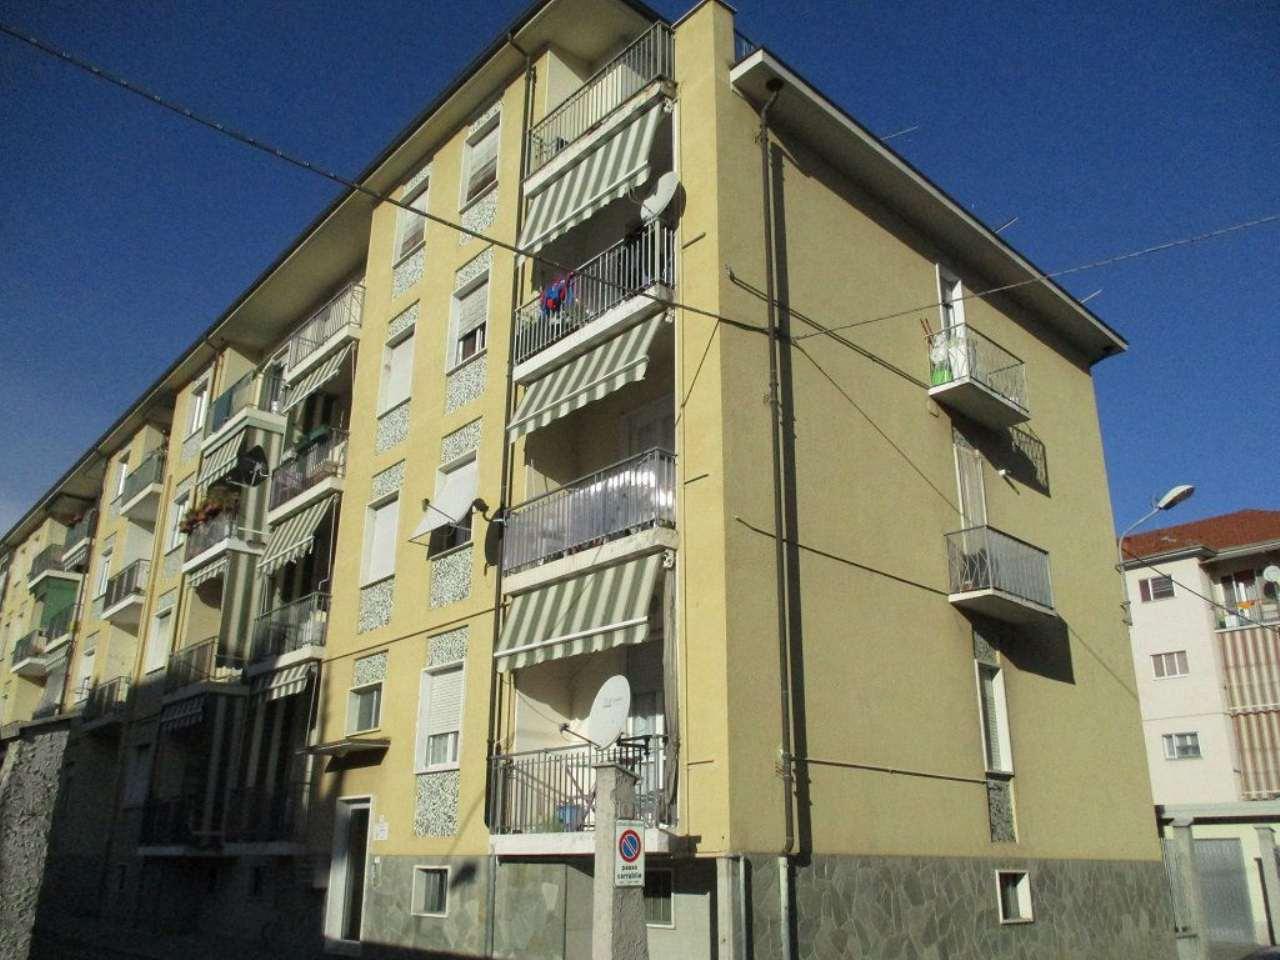 Appartamento in vendita a Savigliano, 3 locali, prezzo € 79.000 | CambioCasa.it